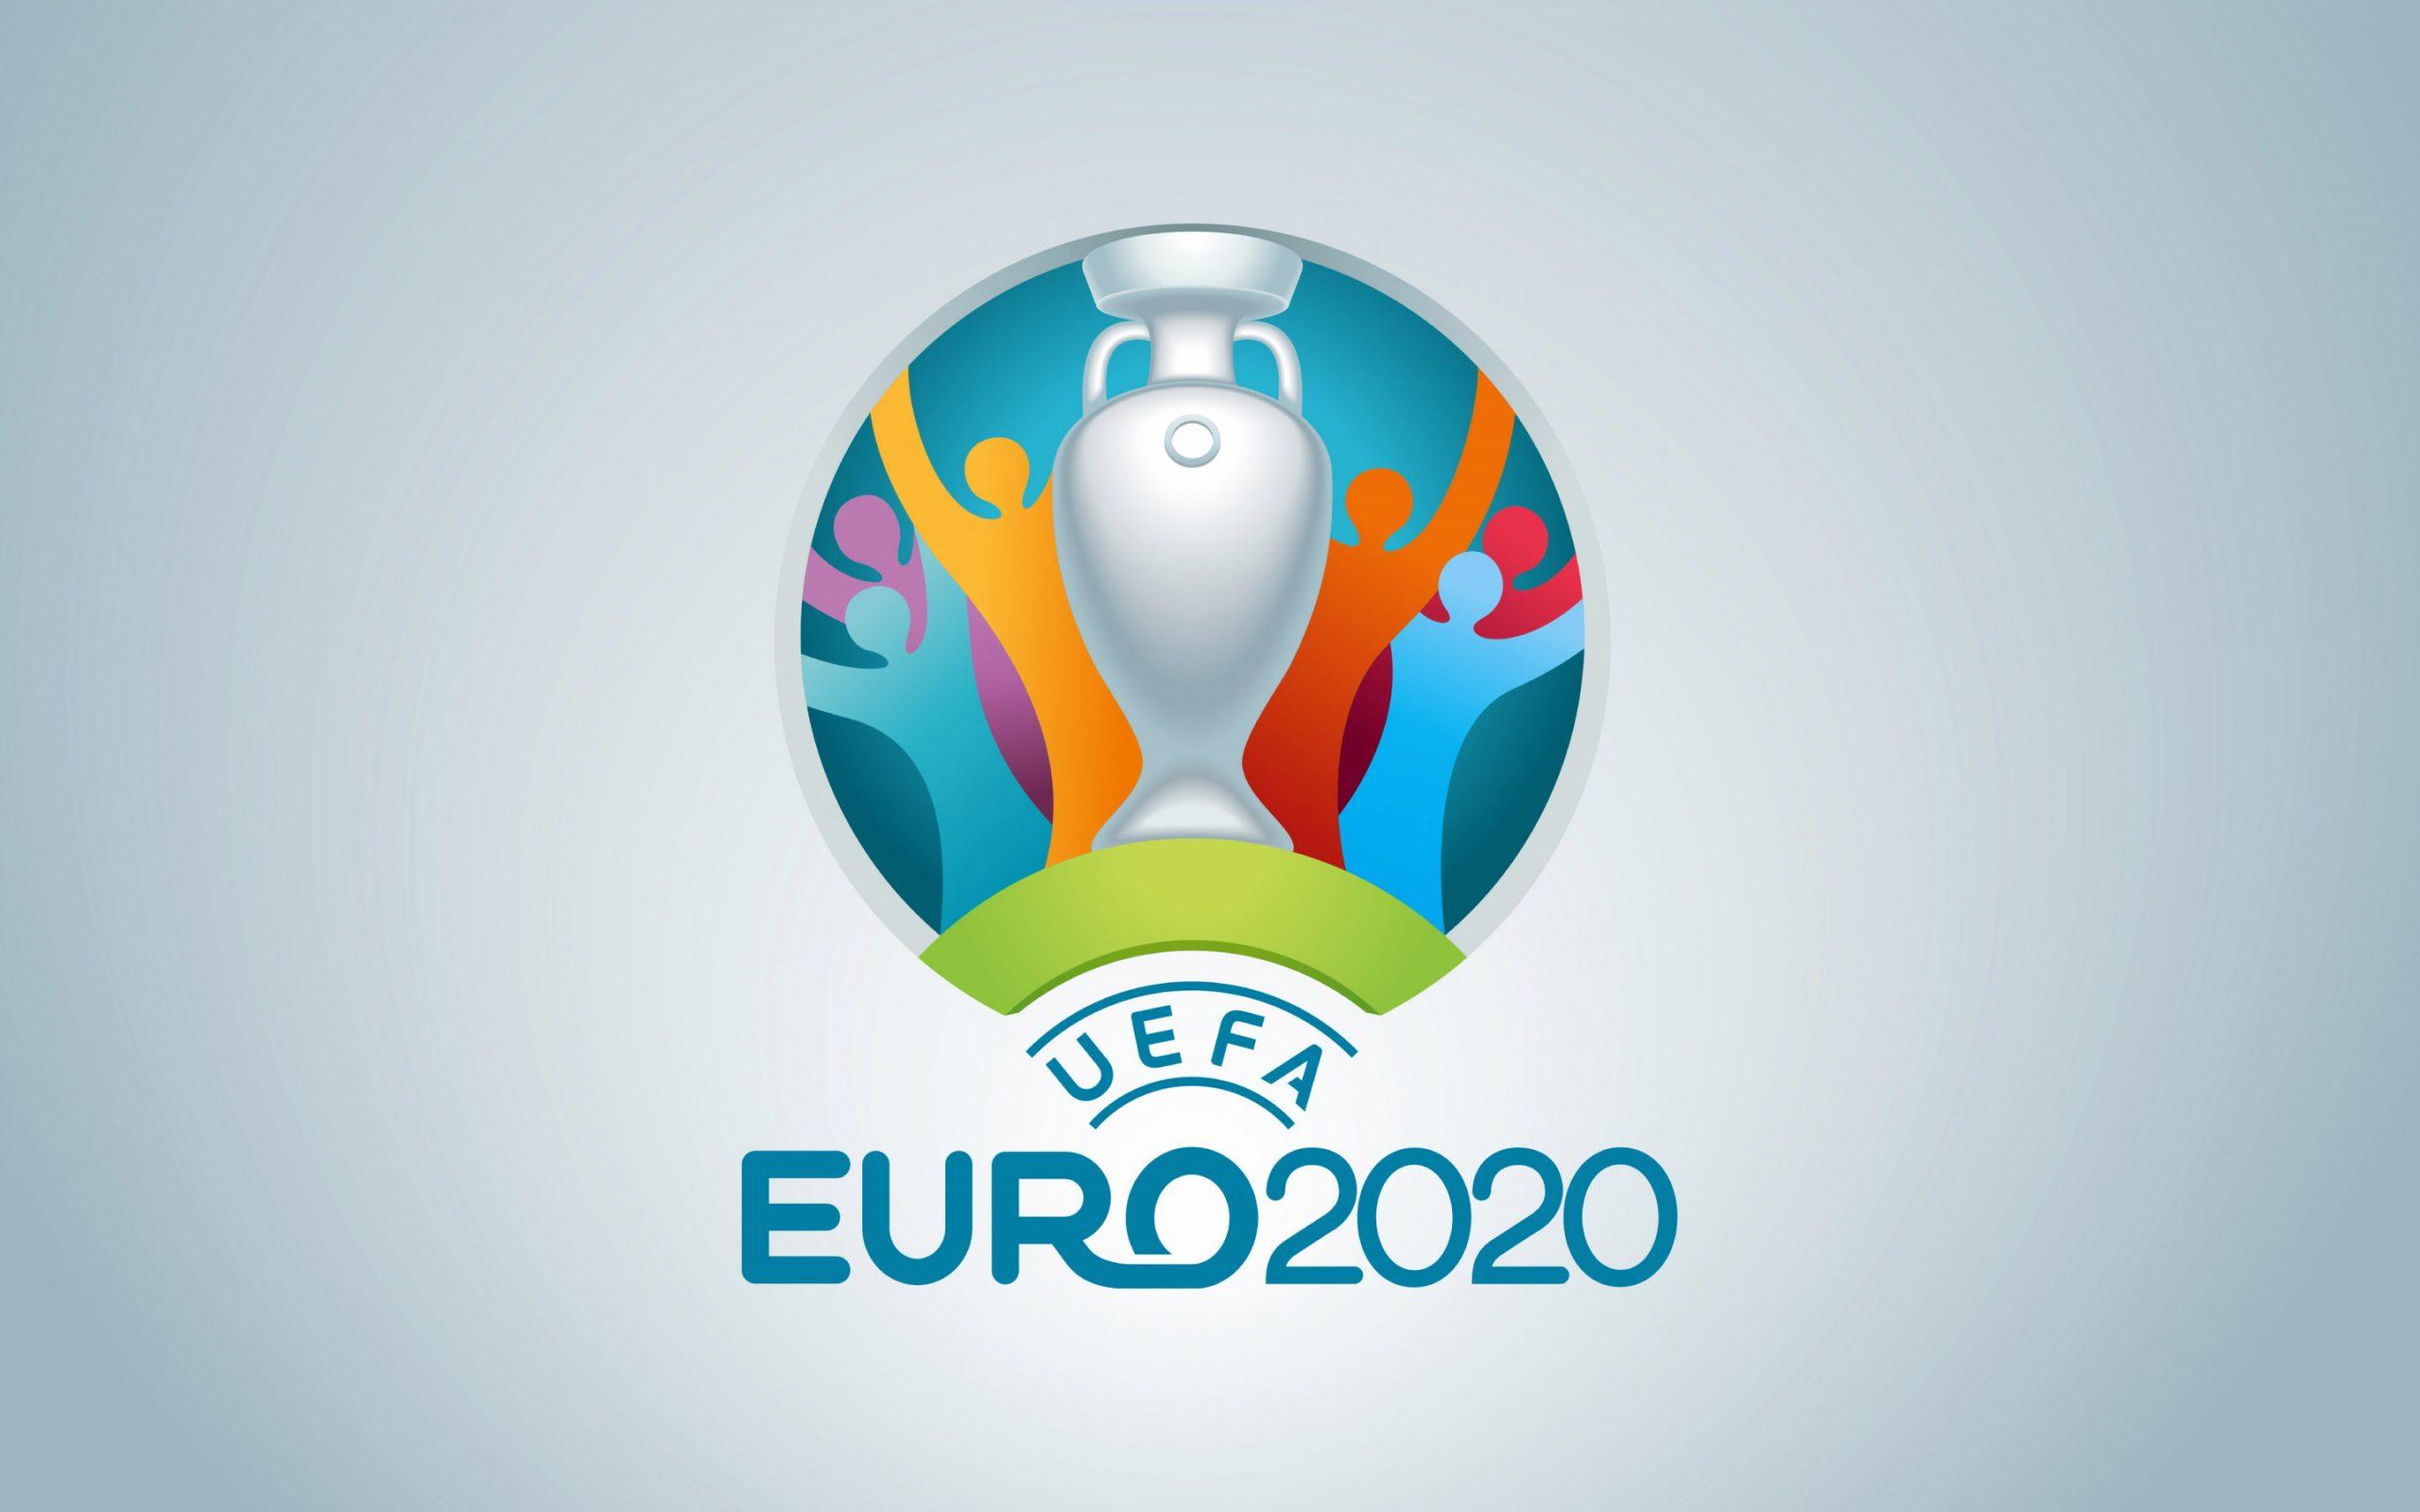 Евро-2020 в России и переводы